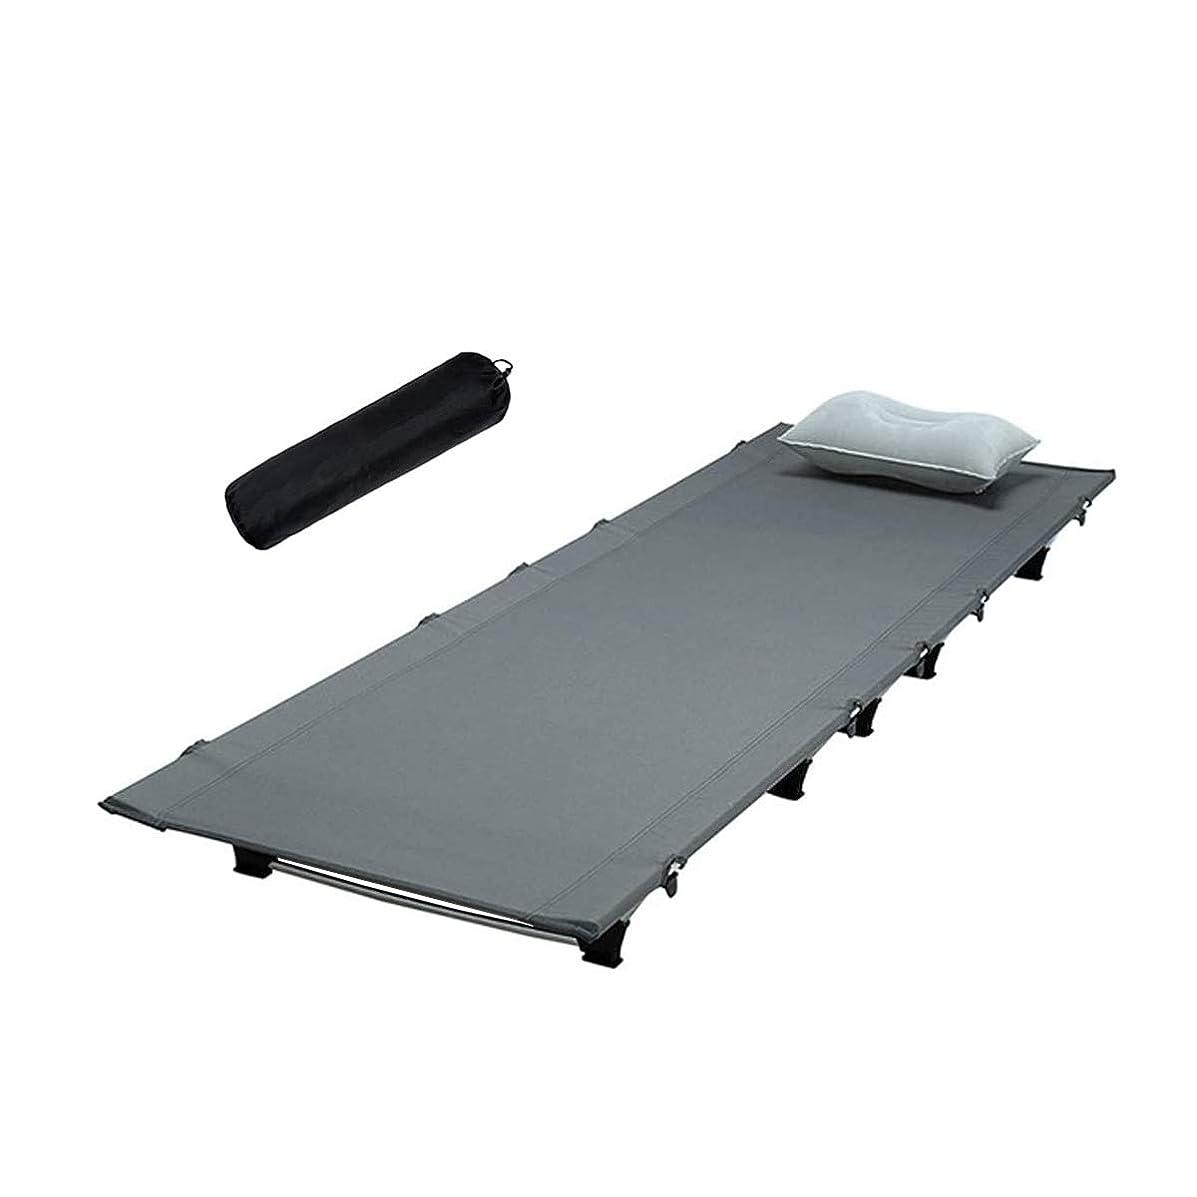 電話に出る大人メドレーGIBOLEA 2020年 キャンプ コット アウトドア ベッド 折りたたみ キャンプコット 簡易ベッド コンパクト 枕と収納バッグ付き 超軽量 防水 通気性 耐荷重150kg 幅185 cm×奥行60 cm